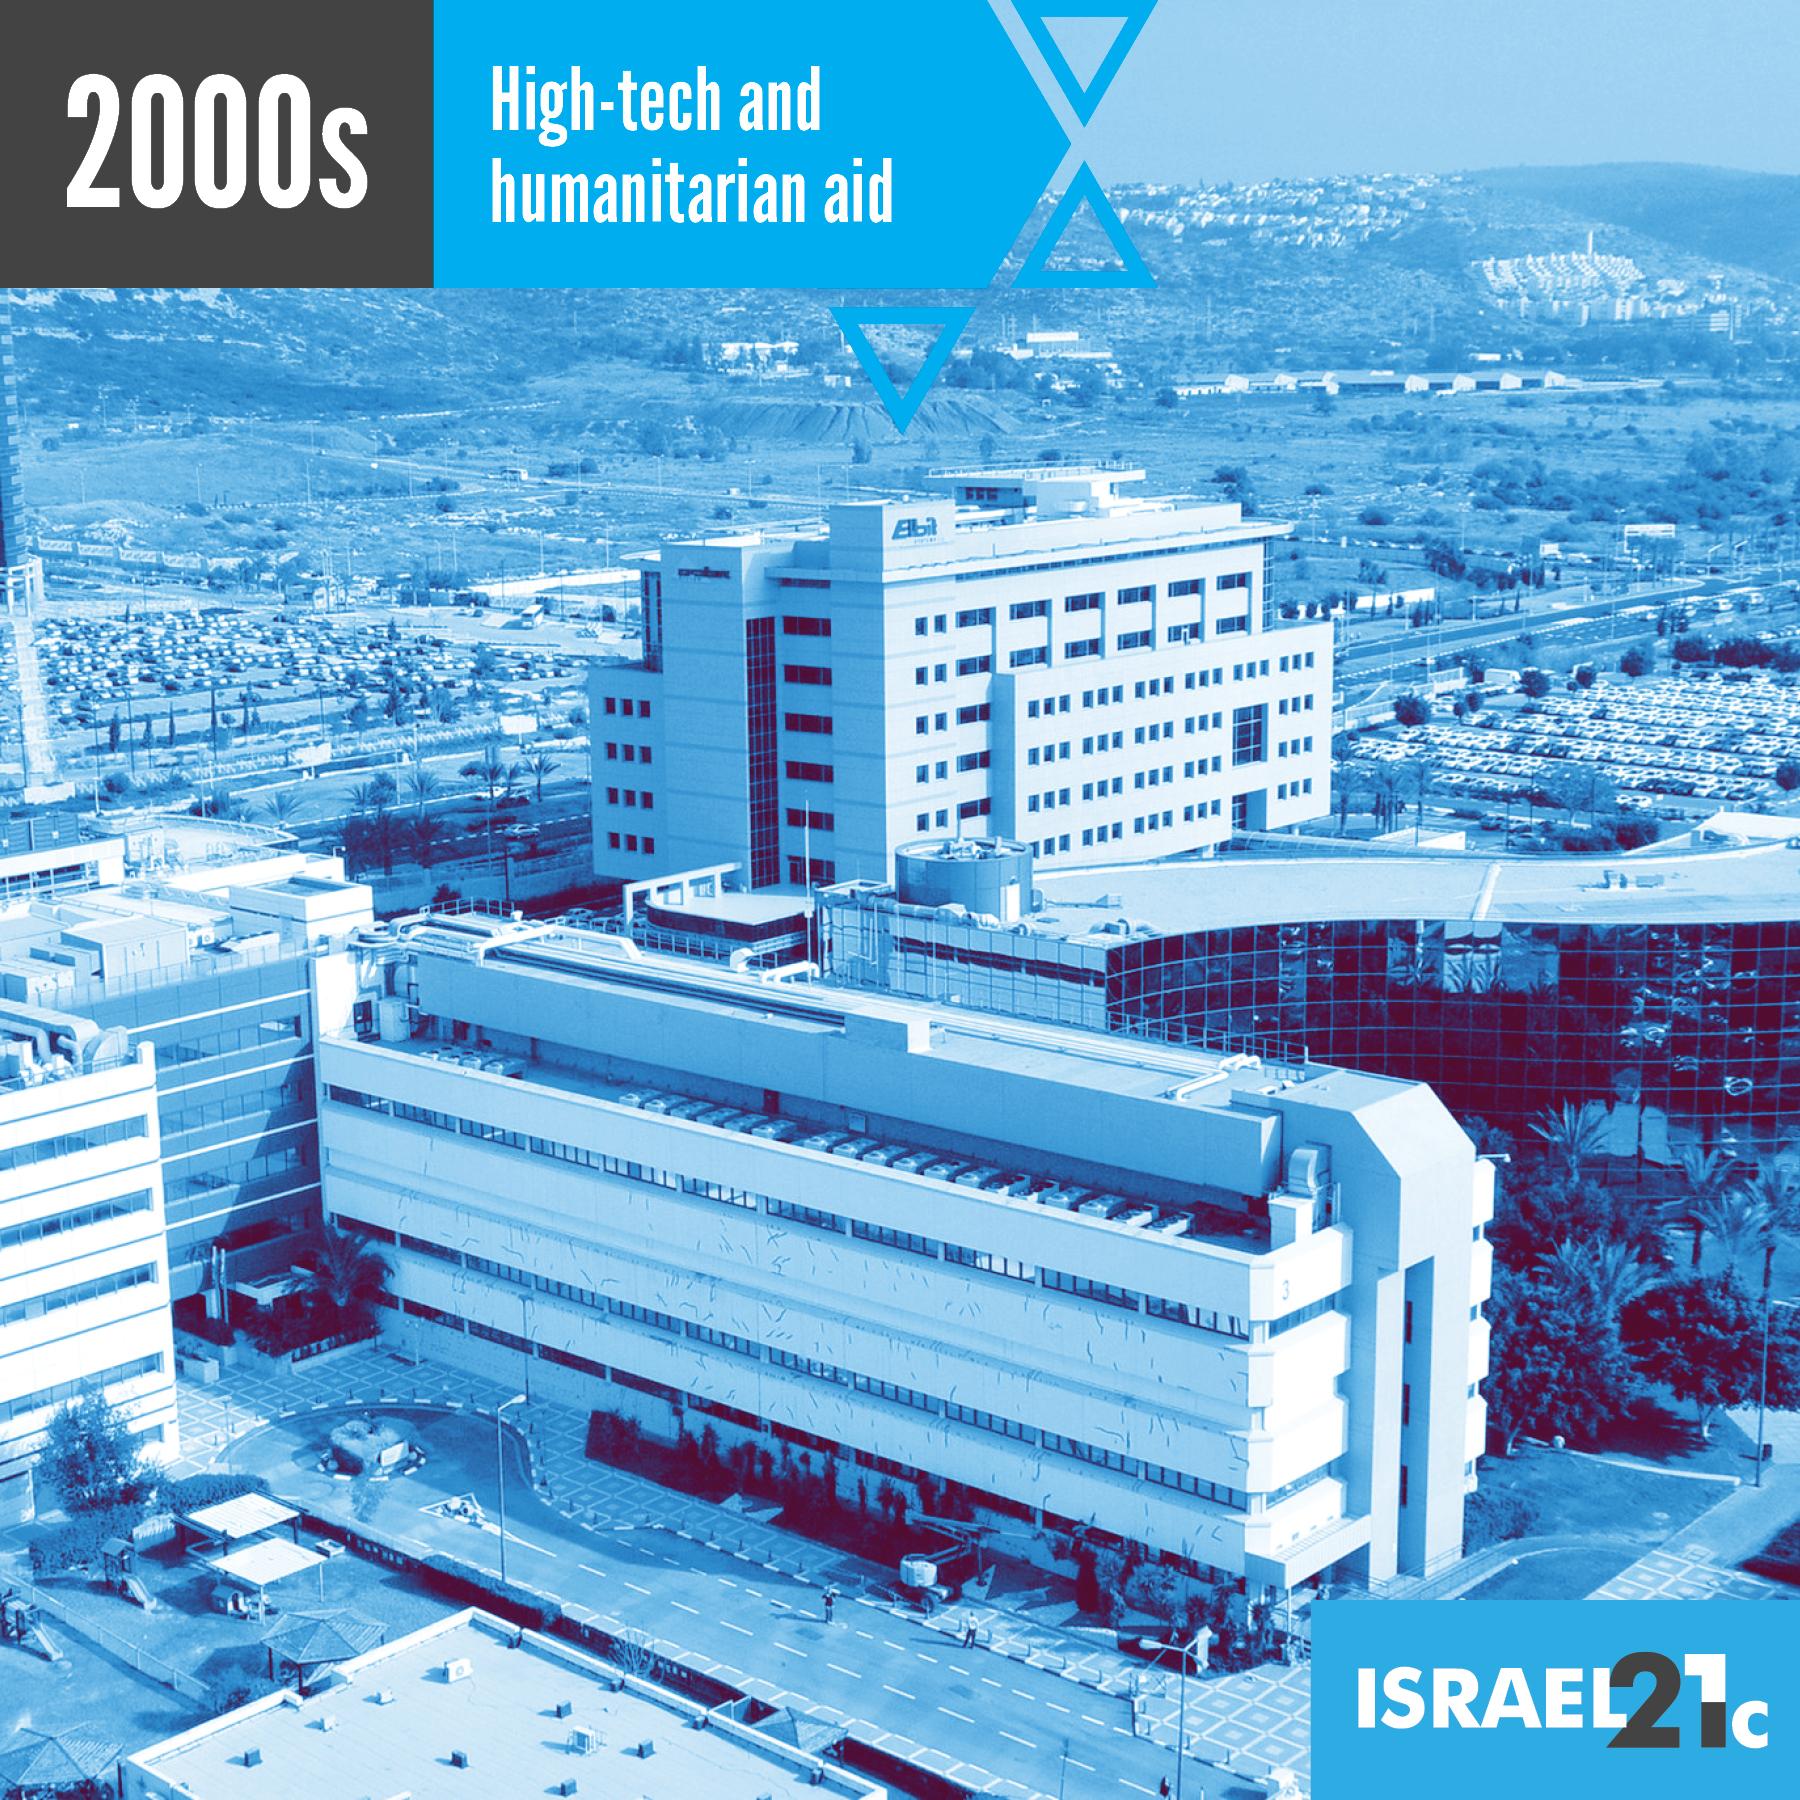 21c-israel70-slides-web11.jpg